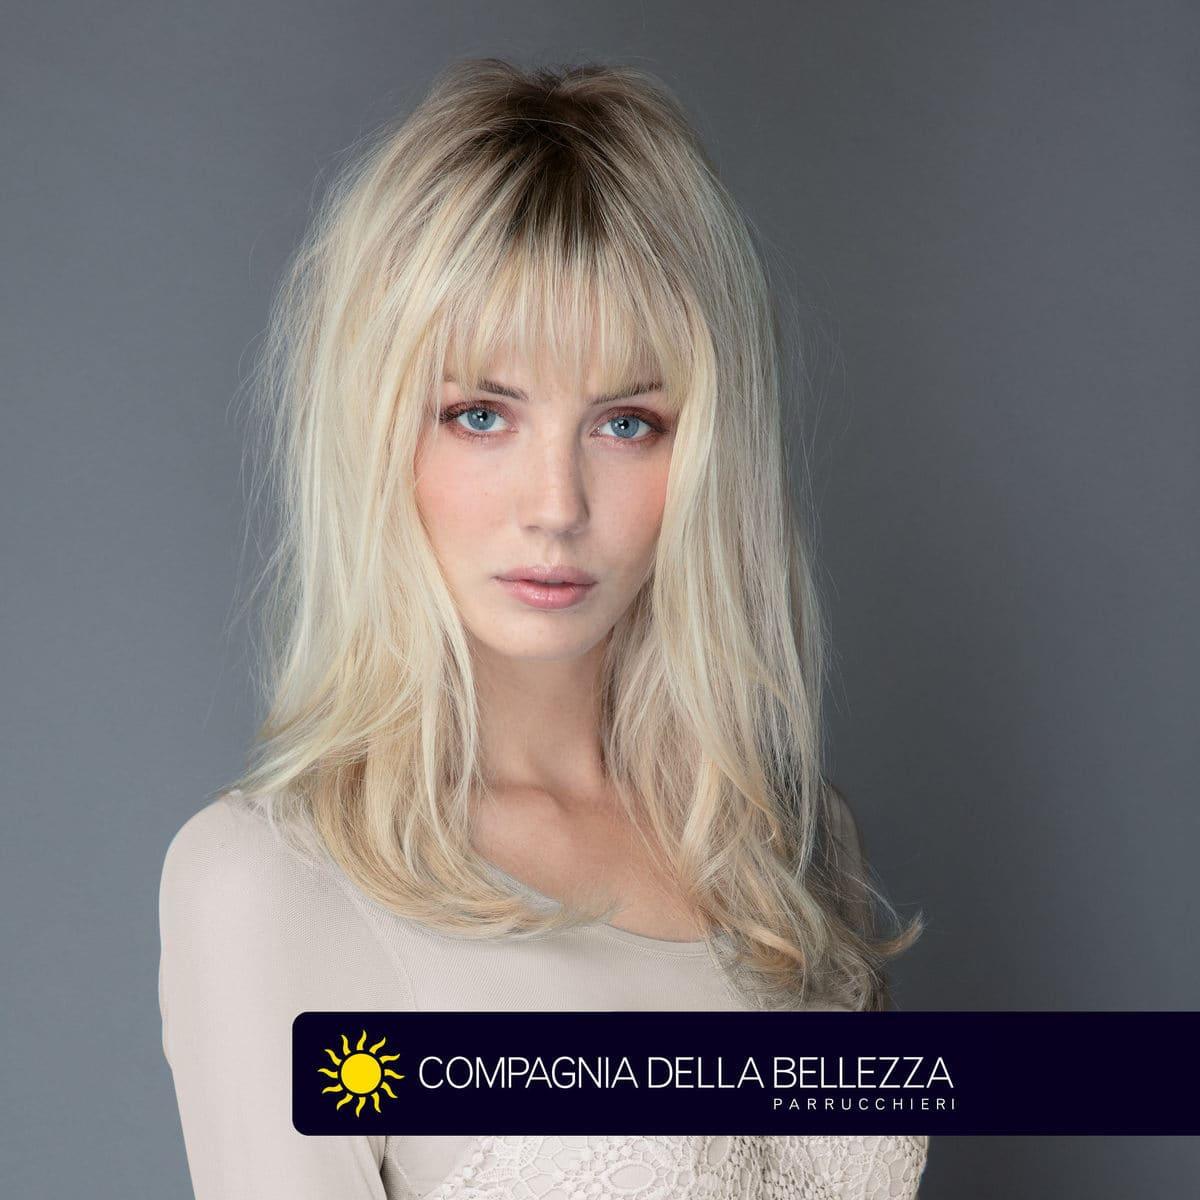 Tagli Capelli Lisci Corti Medi E Lunghi Compagnia Della